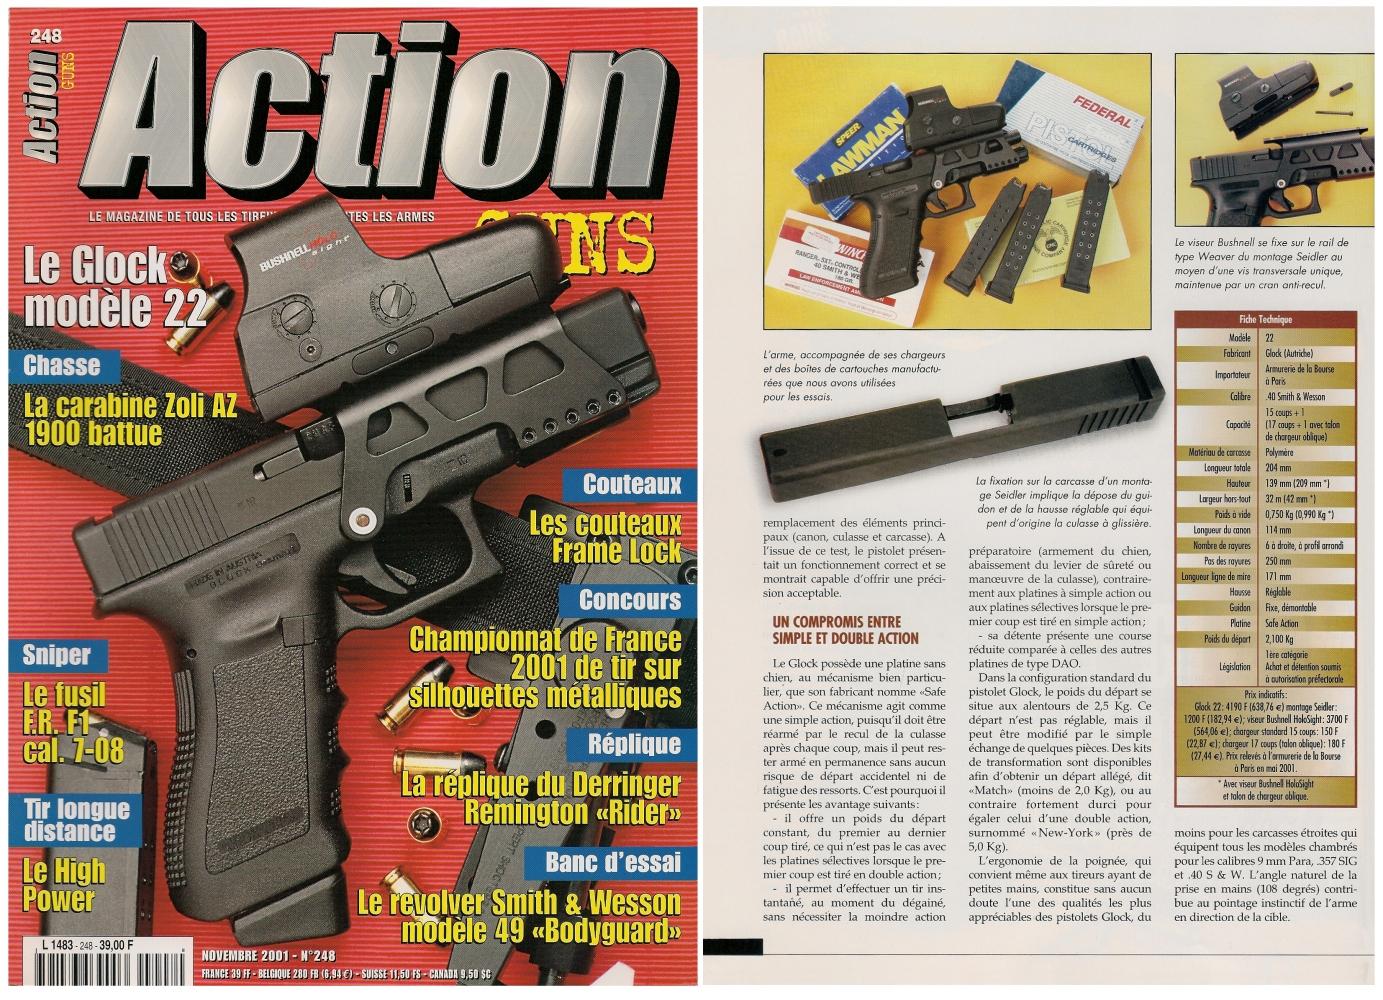 Le banc d'essai du pistolet Glock modèle 22 a été publié sur 6 pages dans le magazine Action Guns n°248 (novembre 2001).